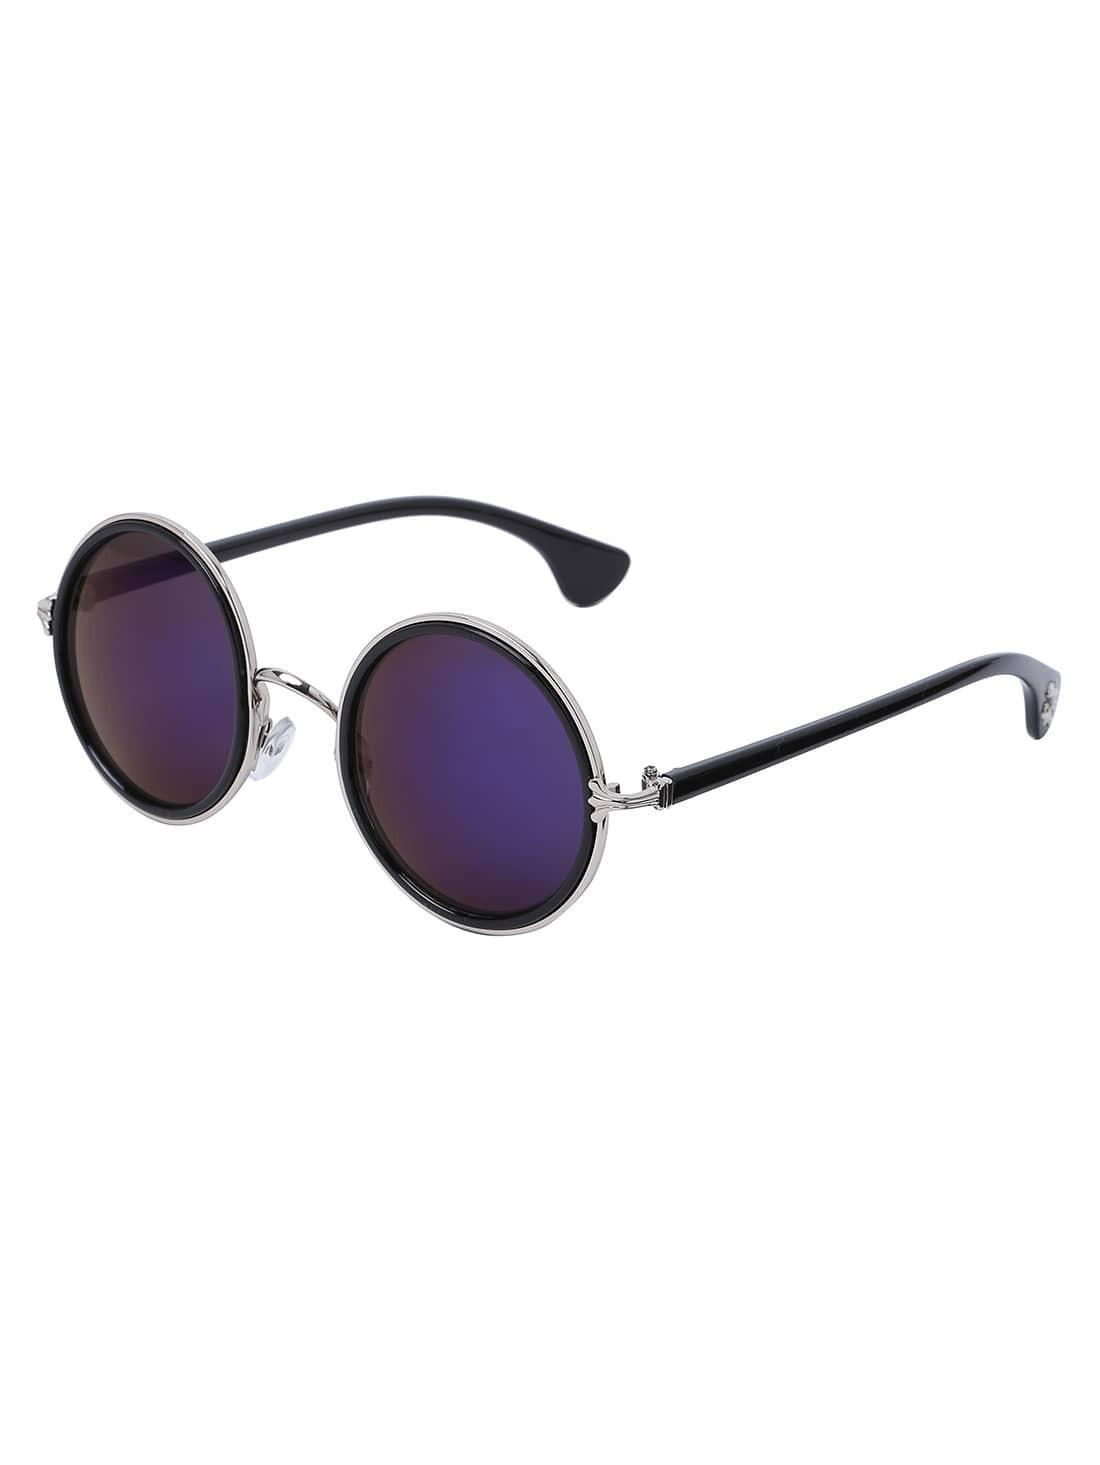 Gold Frame Round Blue Lens Retro Style Sunglasses sunglass160902303